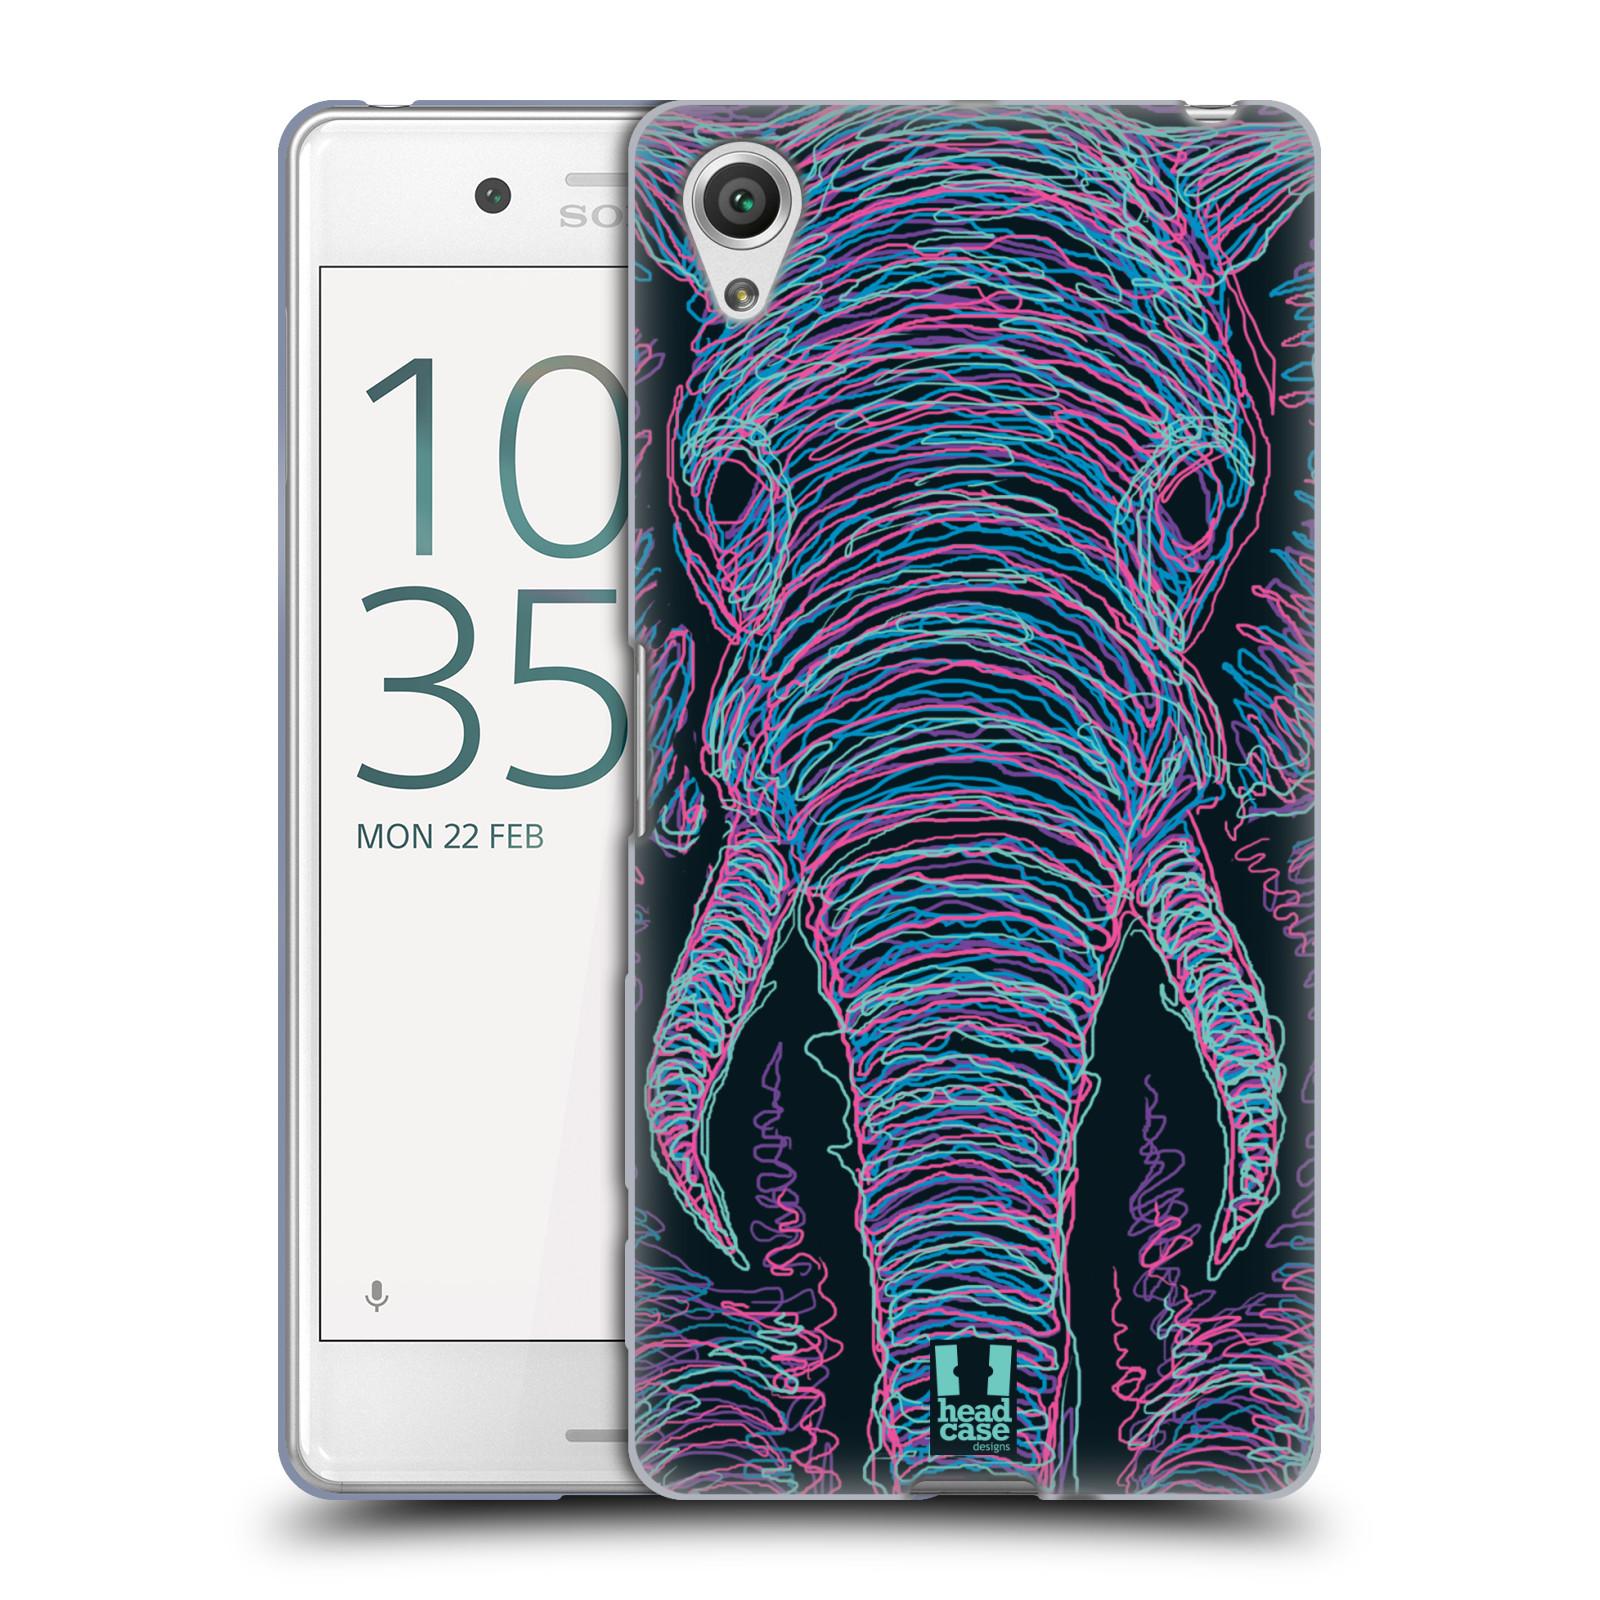 HEAD CASE silikonový obal na mobil Sony Xperia X PERFORMANCE (F8131, F8132) vzor zvíře čmáranice slon